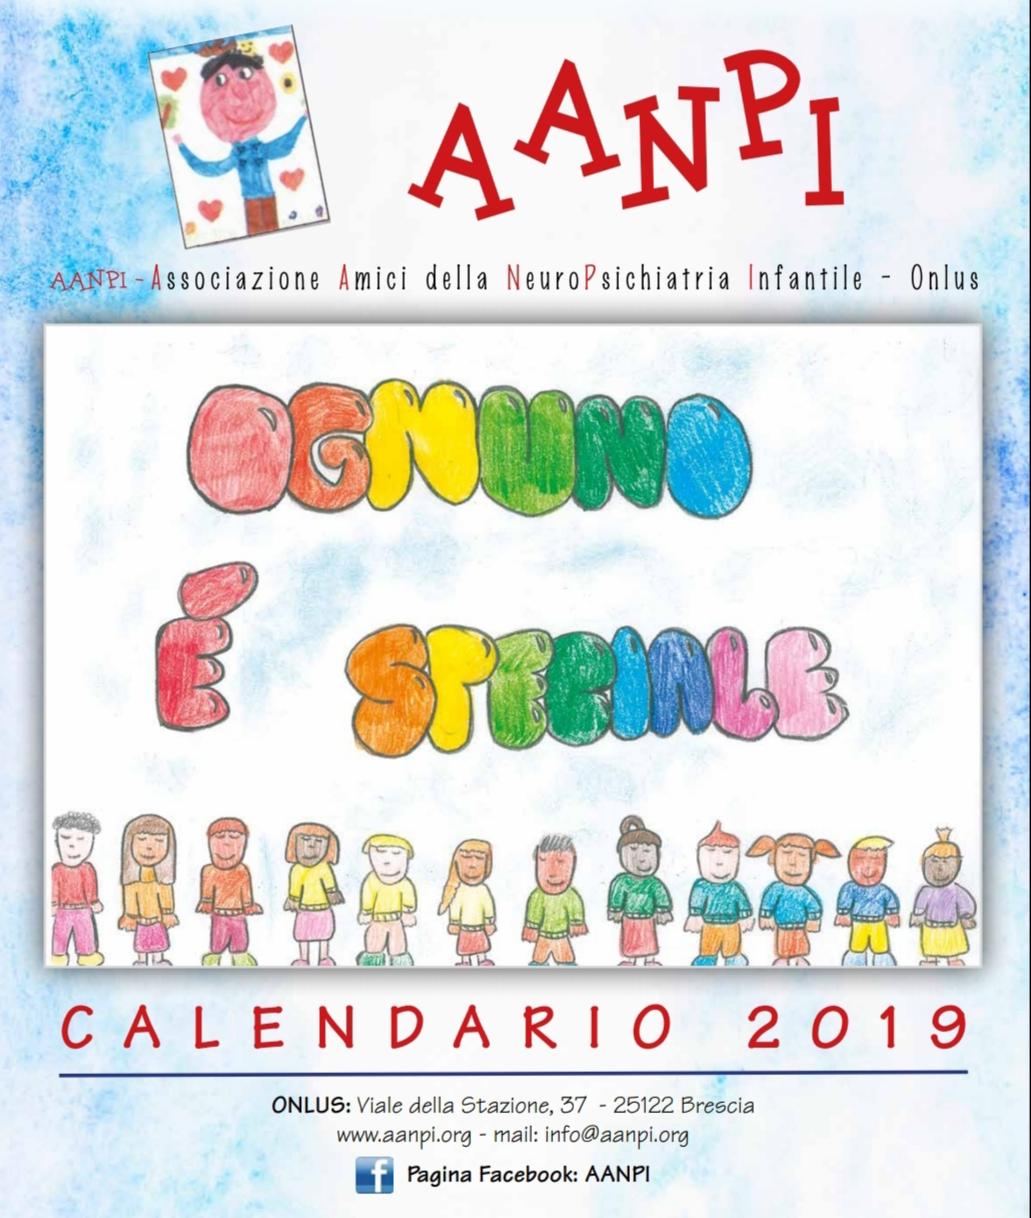 """Calendario AANPI 2019 – """"Ognuno è speciale"""""""